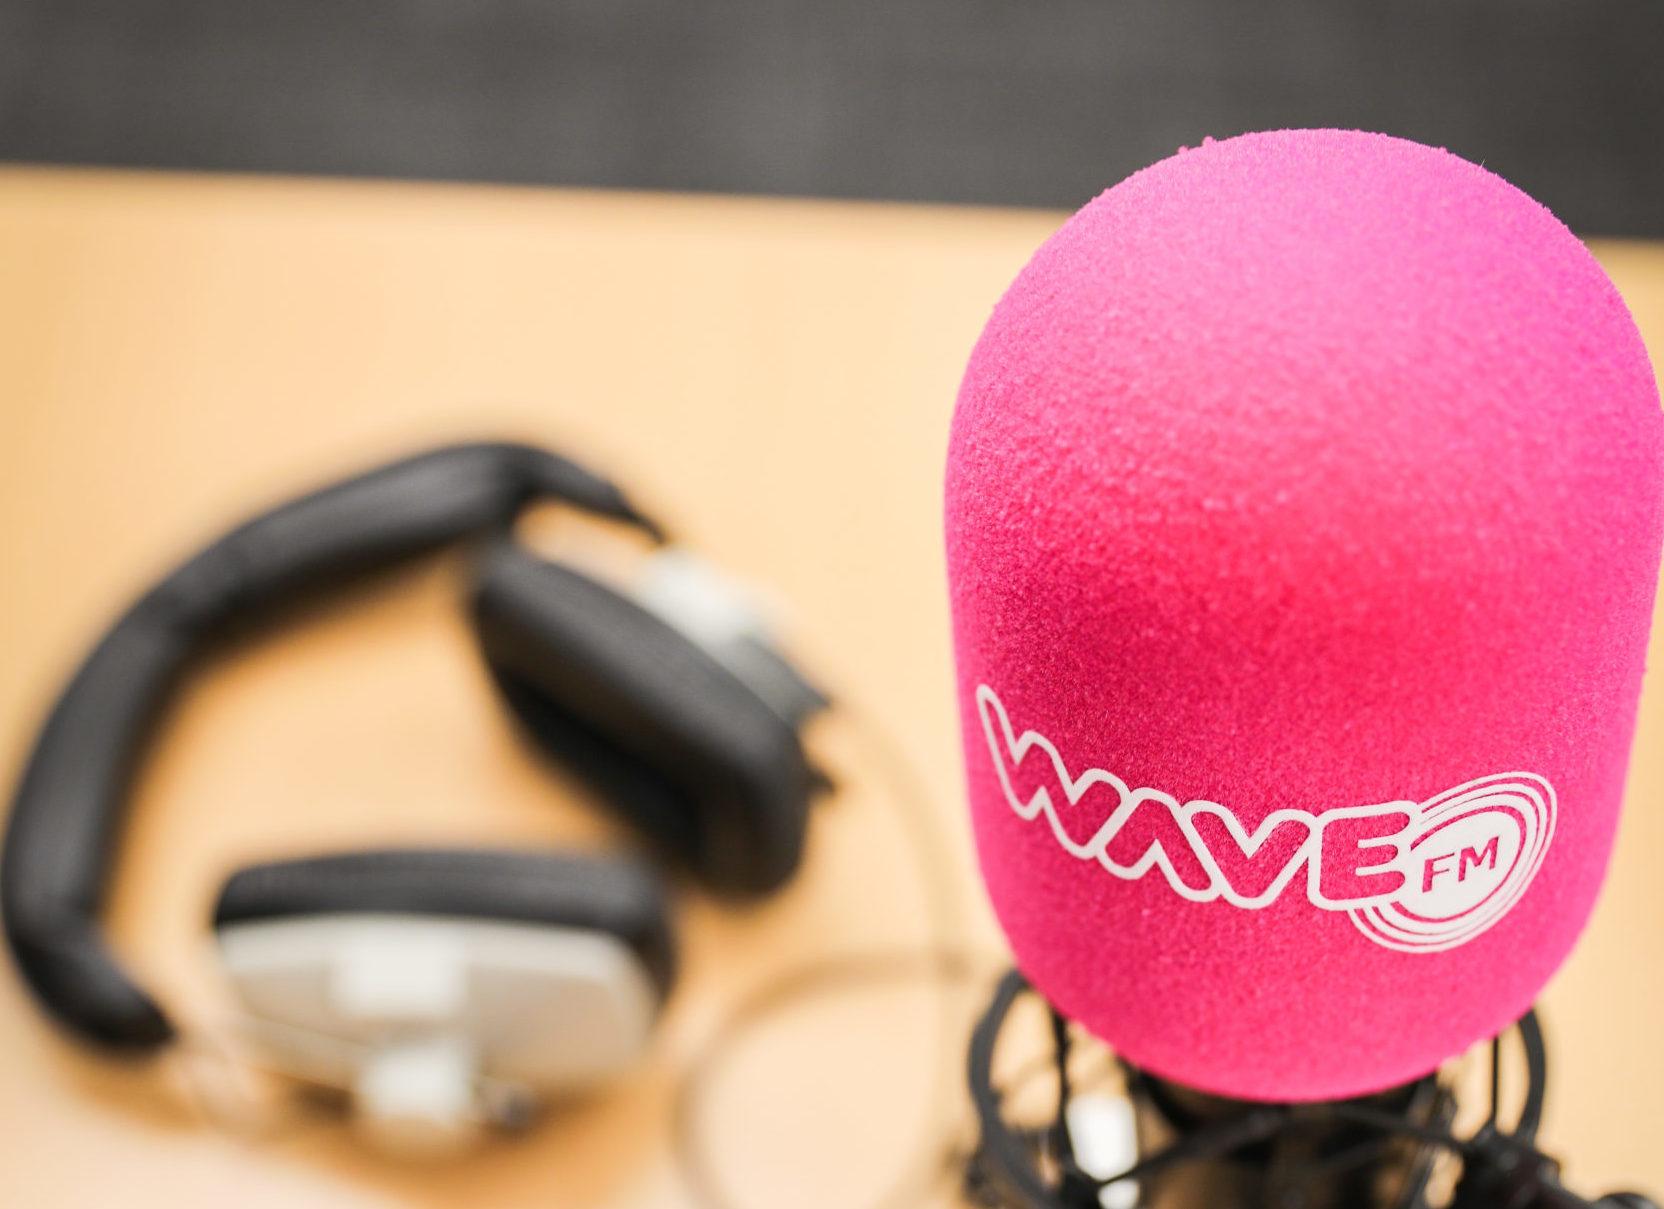 Wave FM.